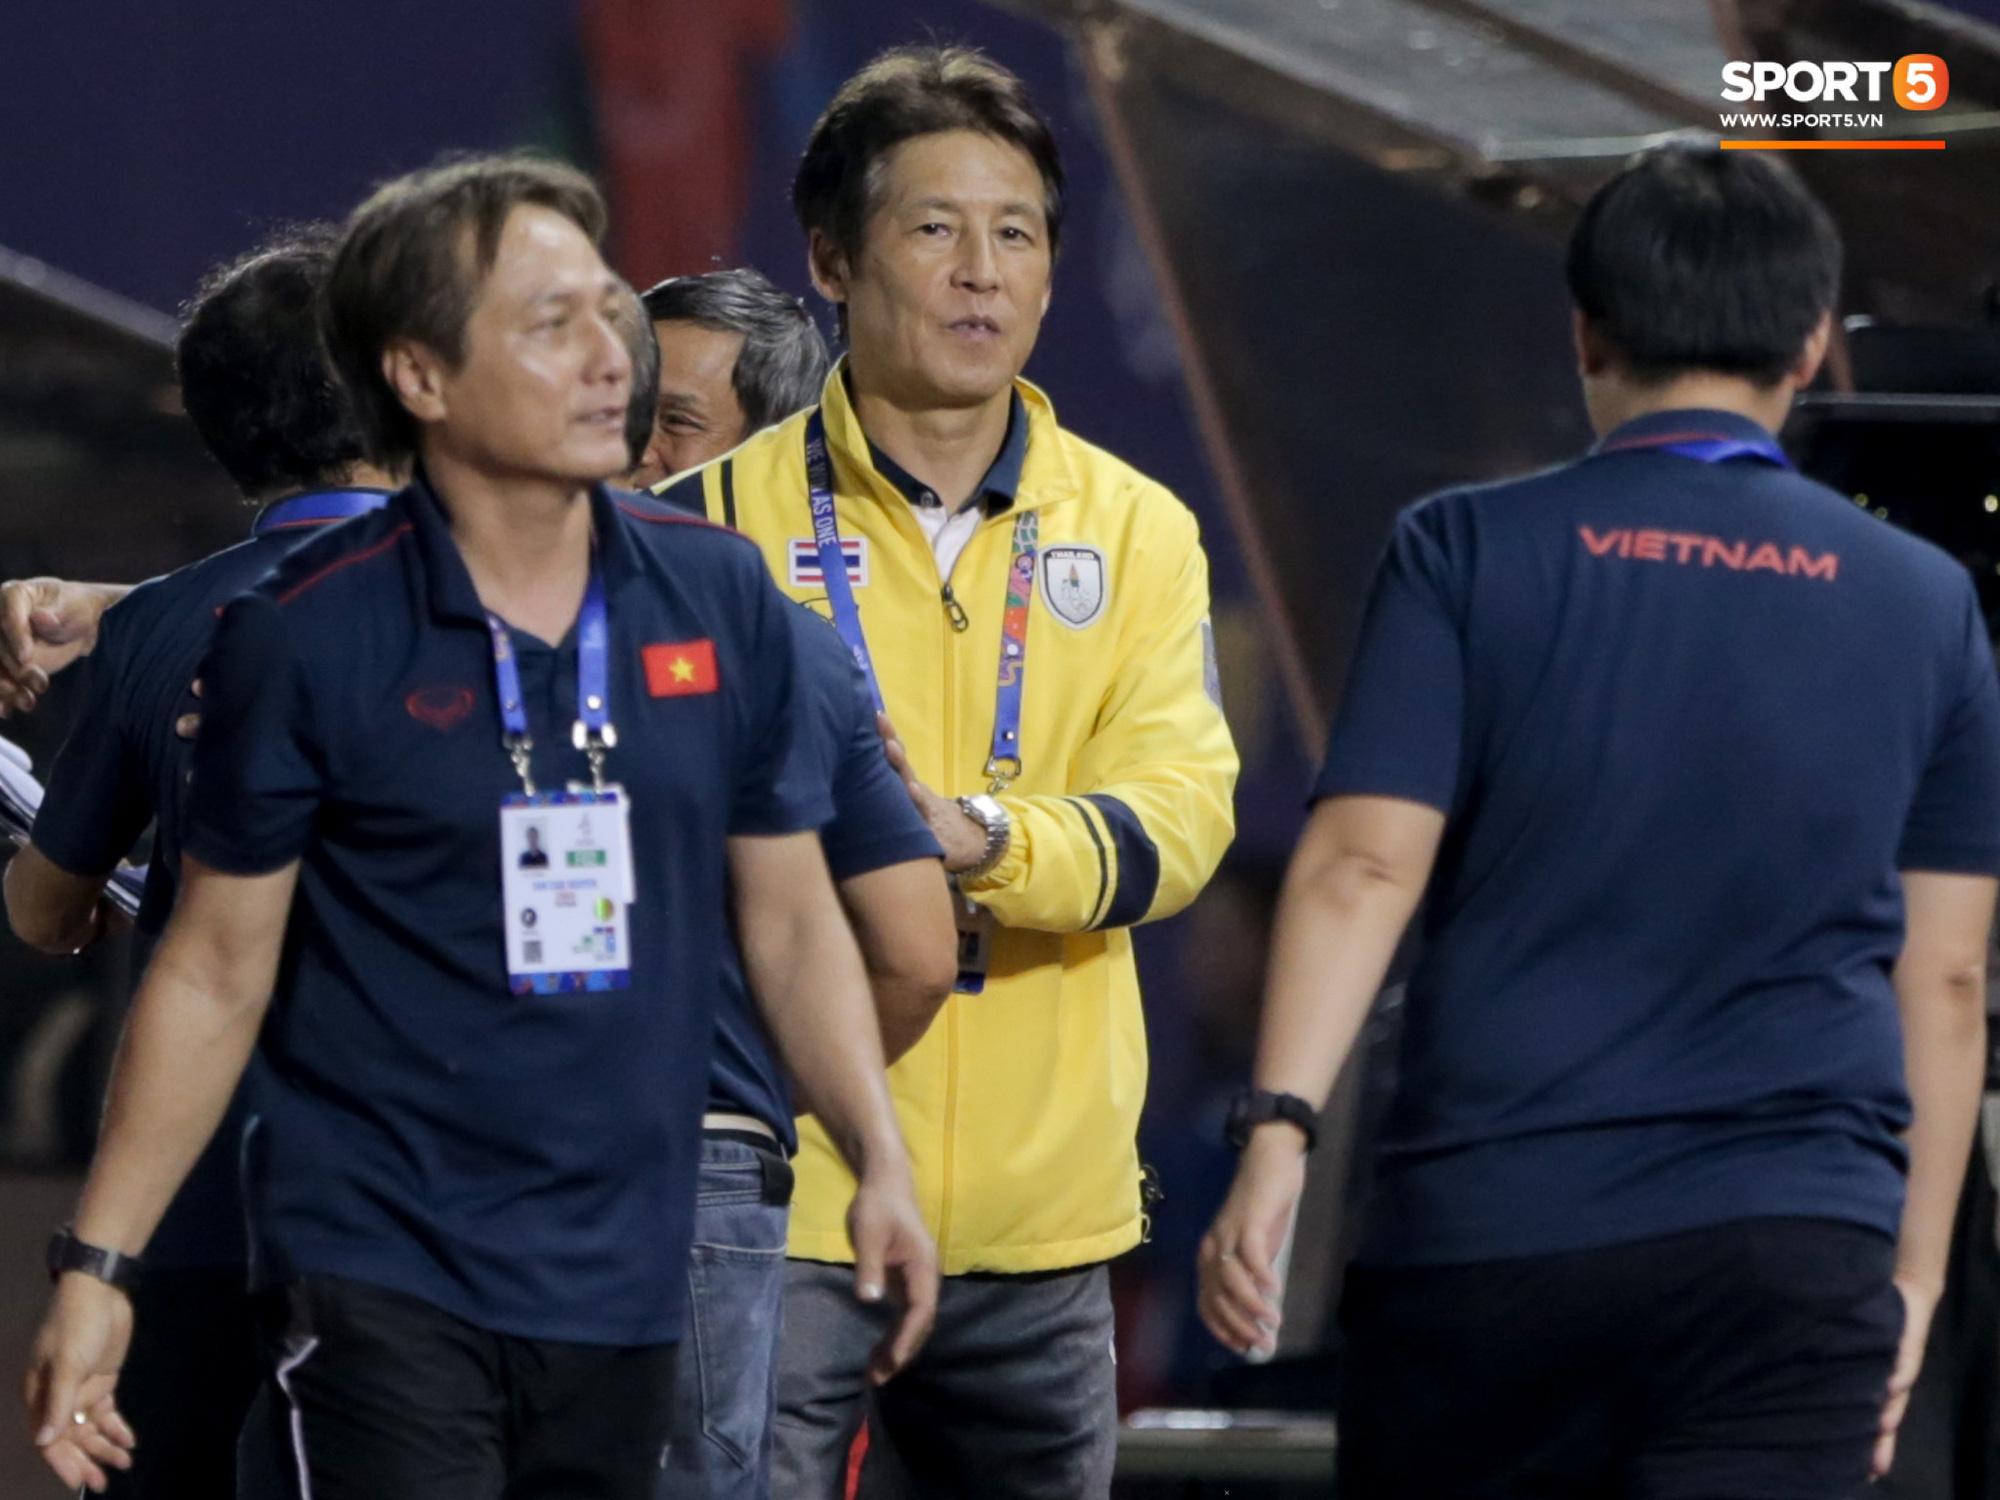 HLV U22 Thái Lan chủ động sang bắt tay thầy Park, hẹn phân thắng bại ở trận tiếp theo sau 3 lần toàn hoà - Ảnh 2.